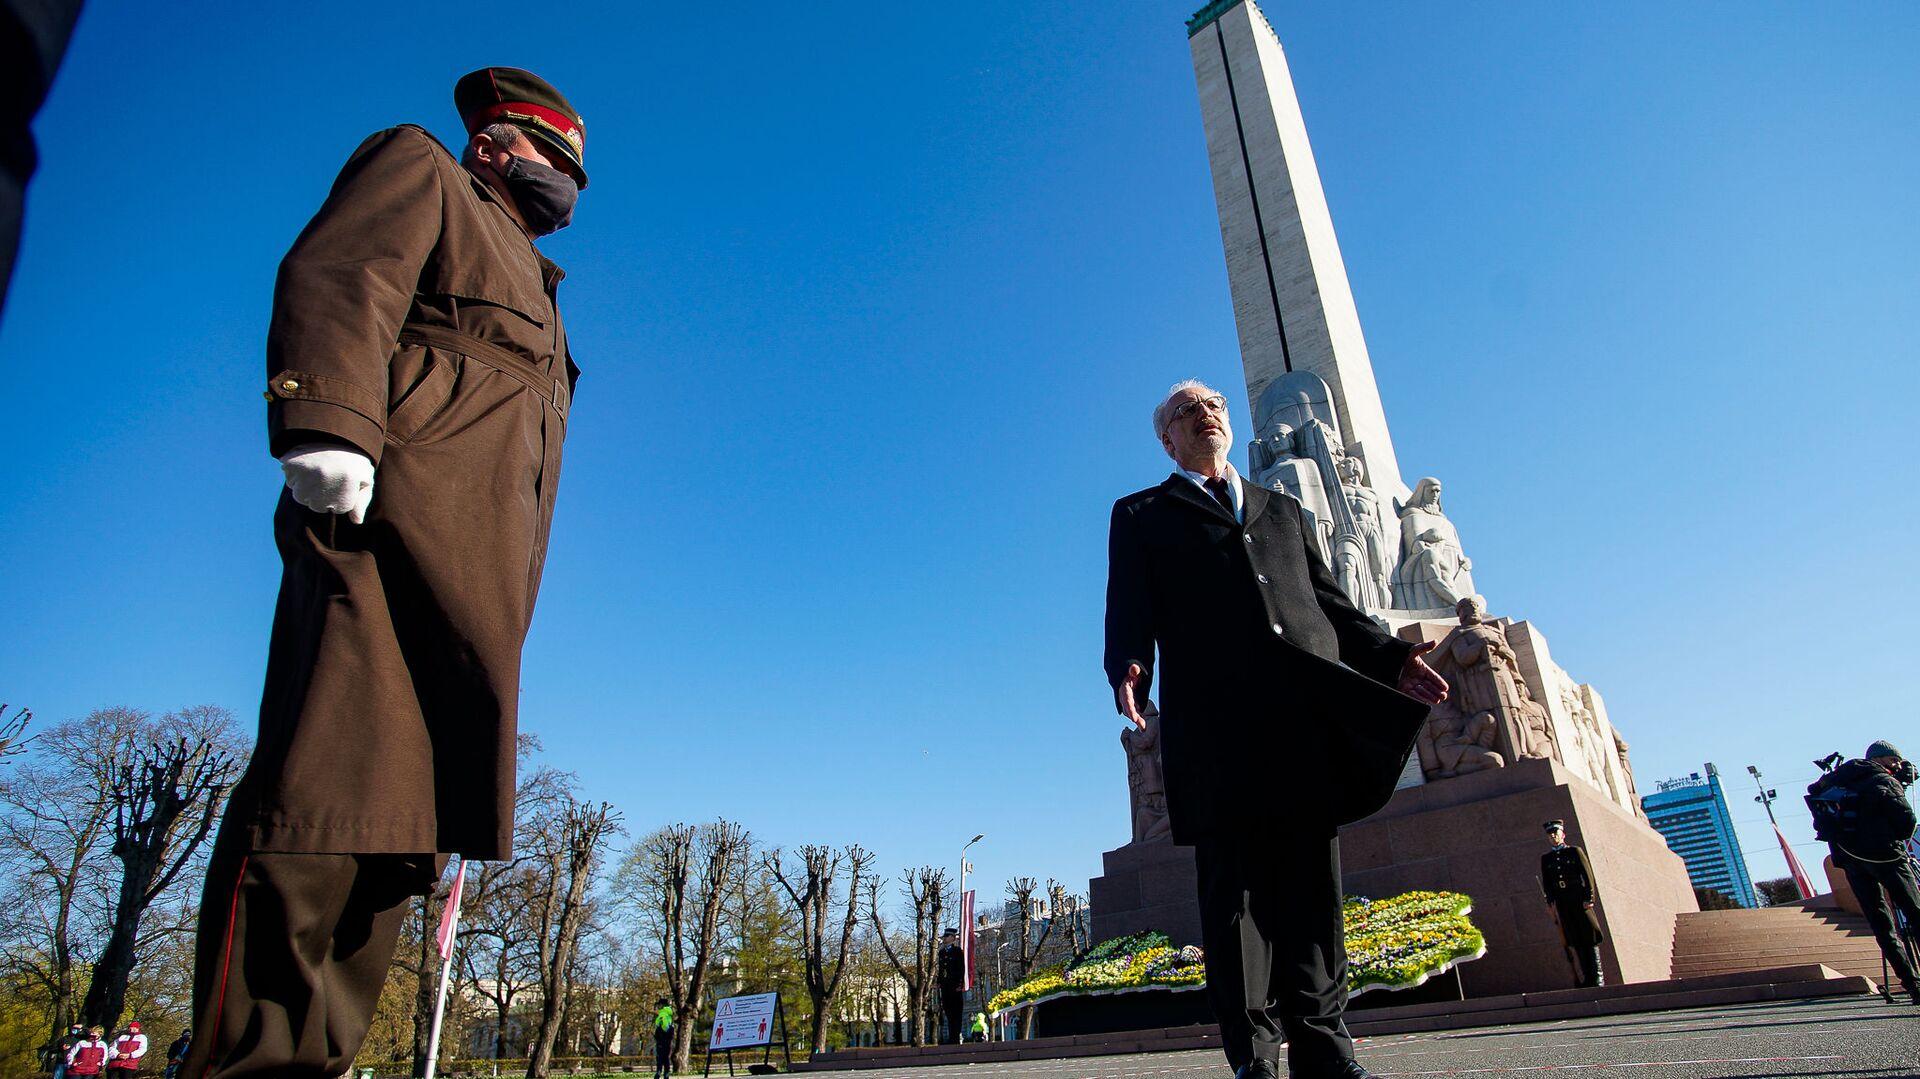 Солдат почетного караула и президент Латвии Эгилс Левитс у памятника Свободы - Sputnik Латвия, 1920, 18.06.2021